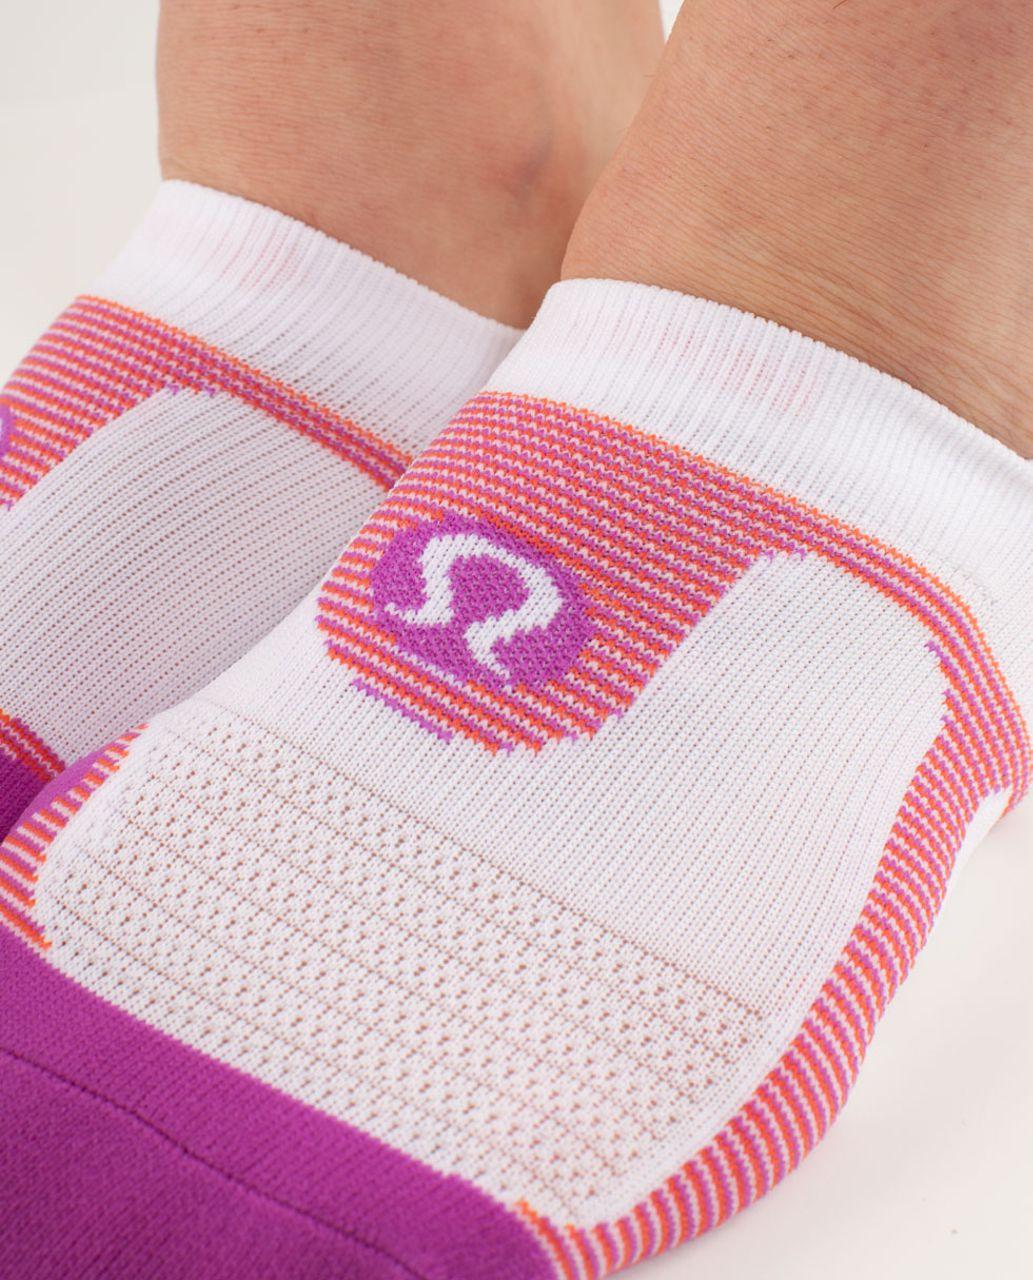 Lululemon Women's No Show Ultimate - Ultra Violet Dazziling Feeder Stripe /  Ultra Violet